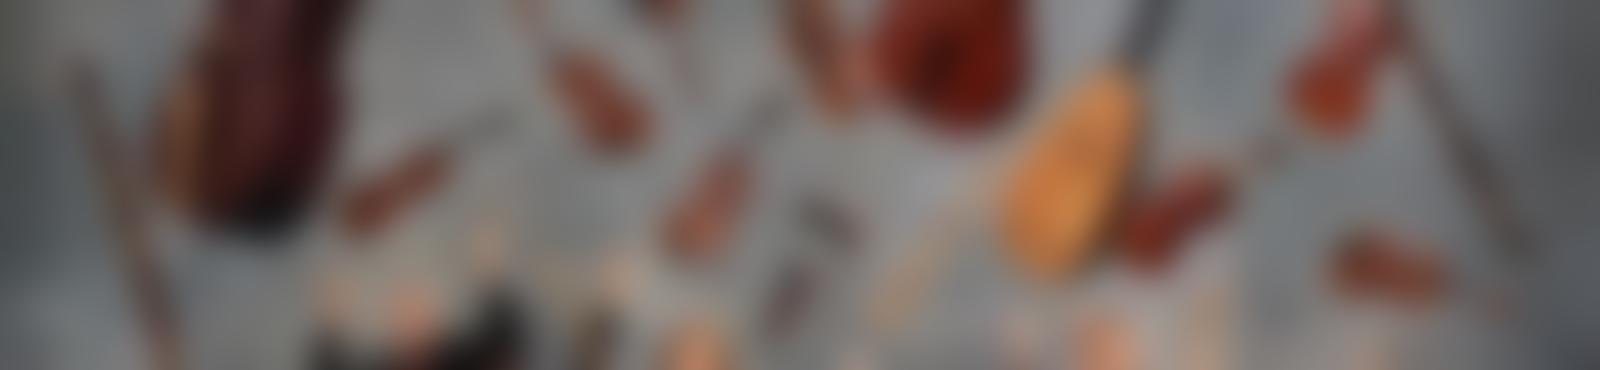 Blurred 4d487baf 1511 4da7 adf4 8ae323aa69b3